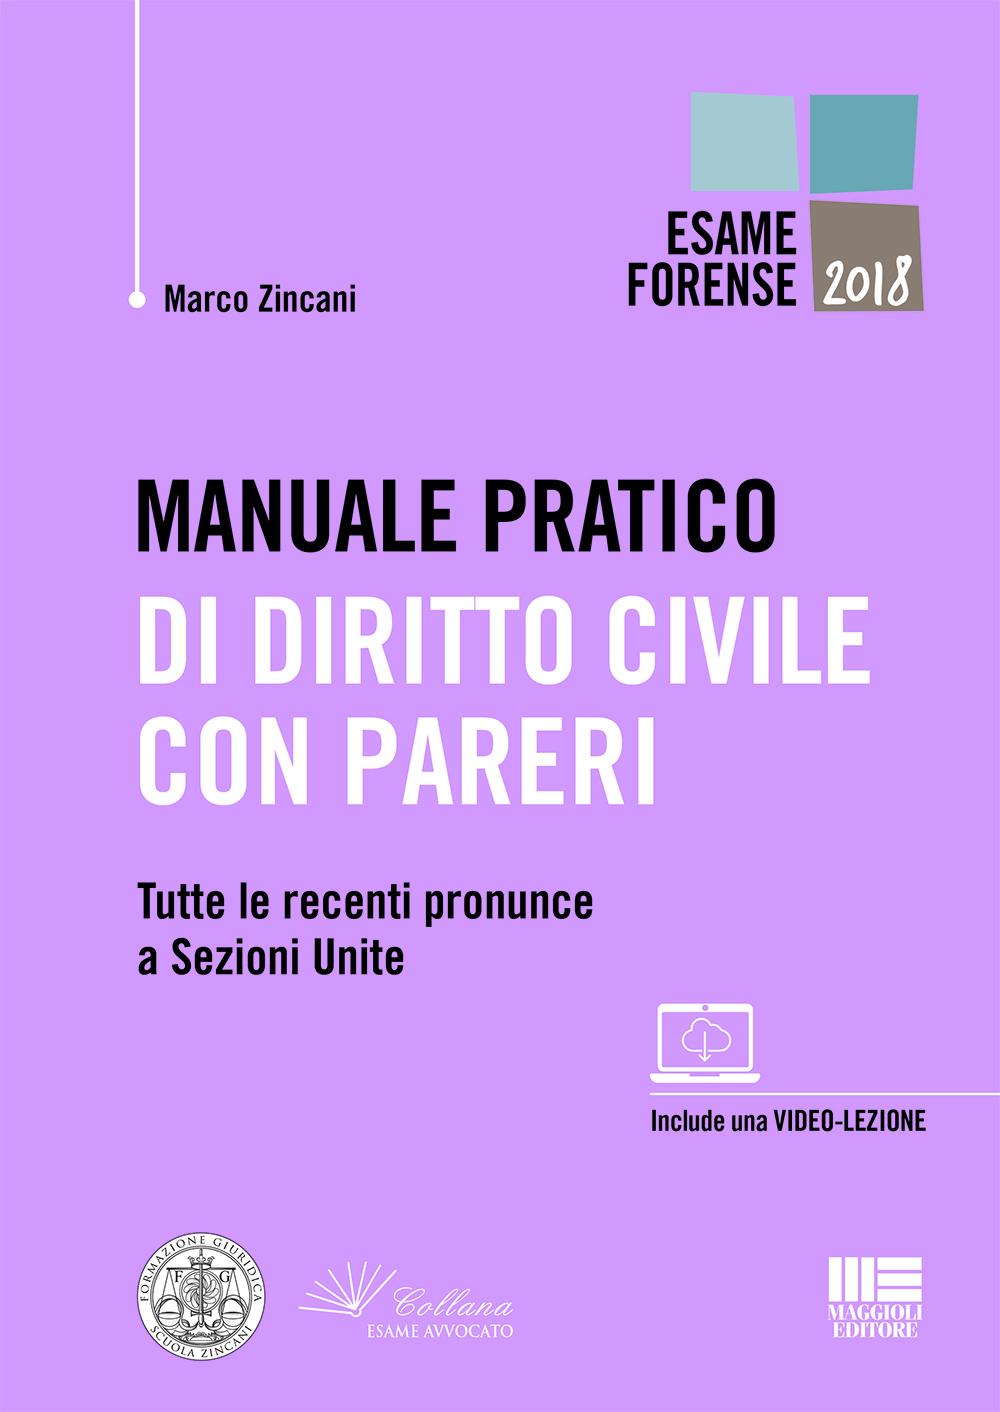 Manuale pratico di diritto civile con pareri